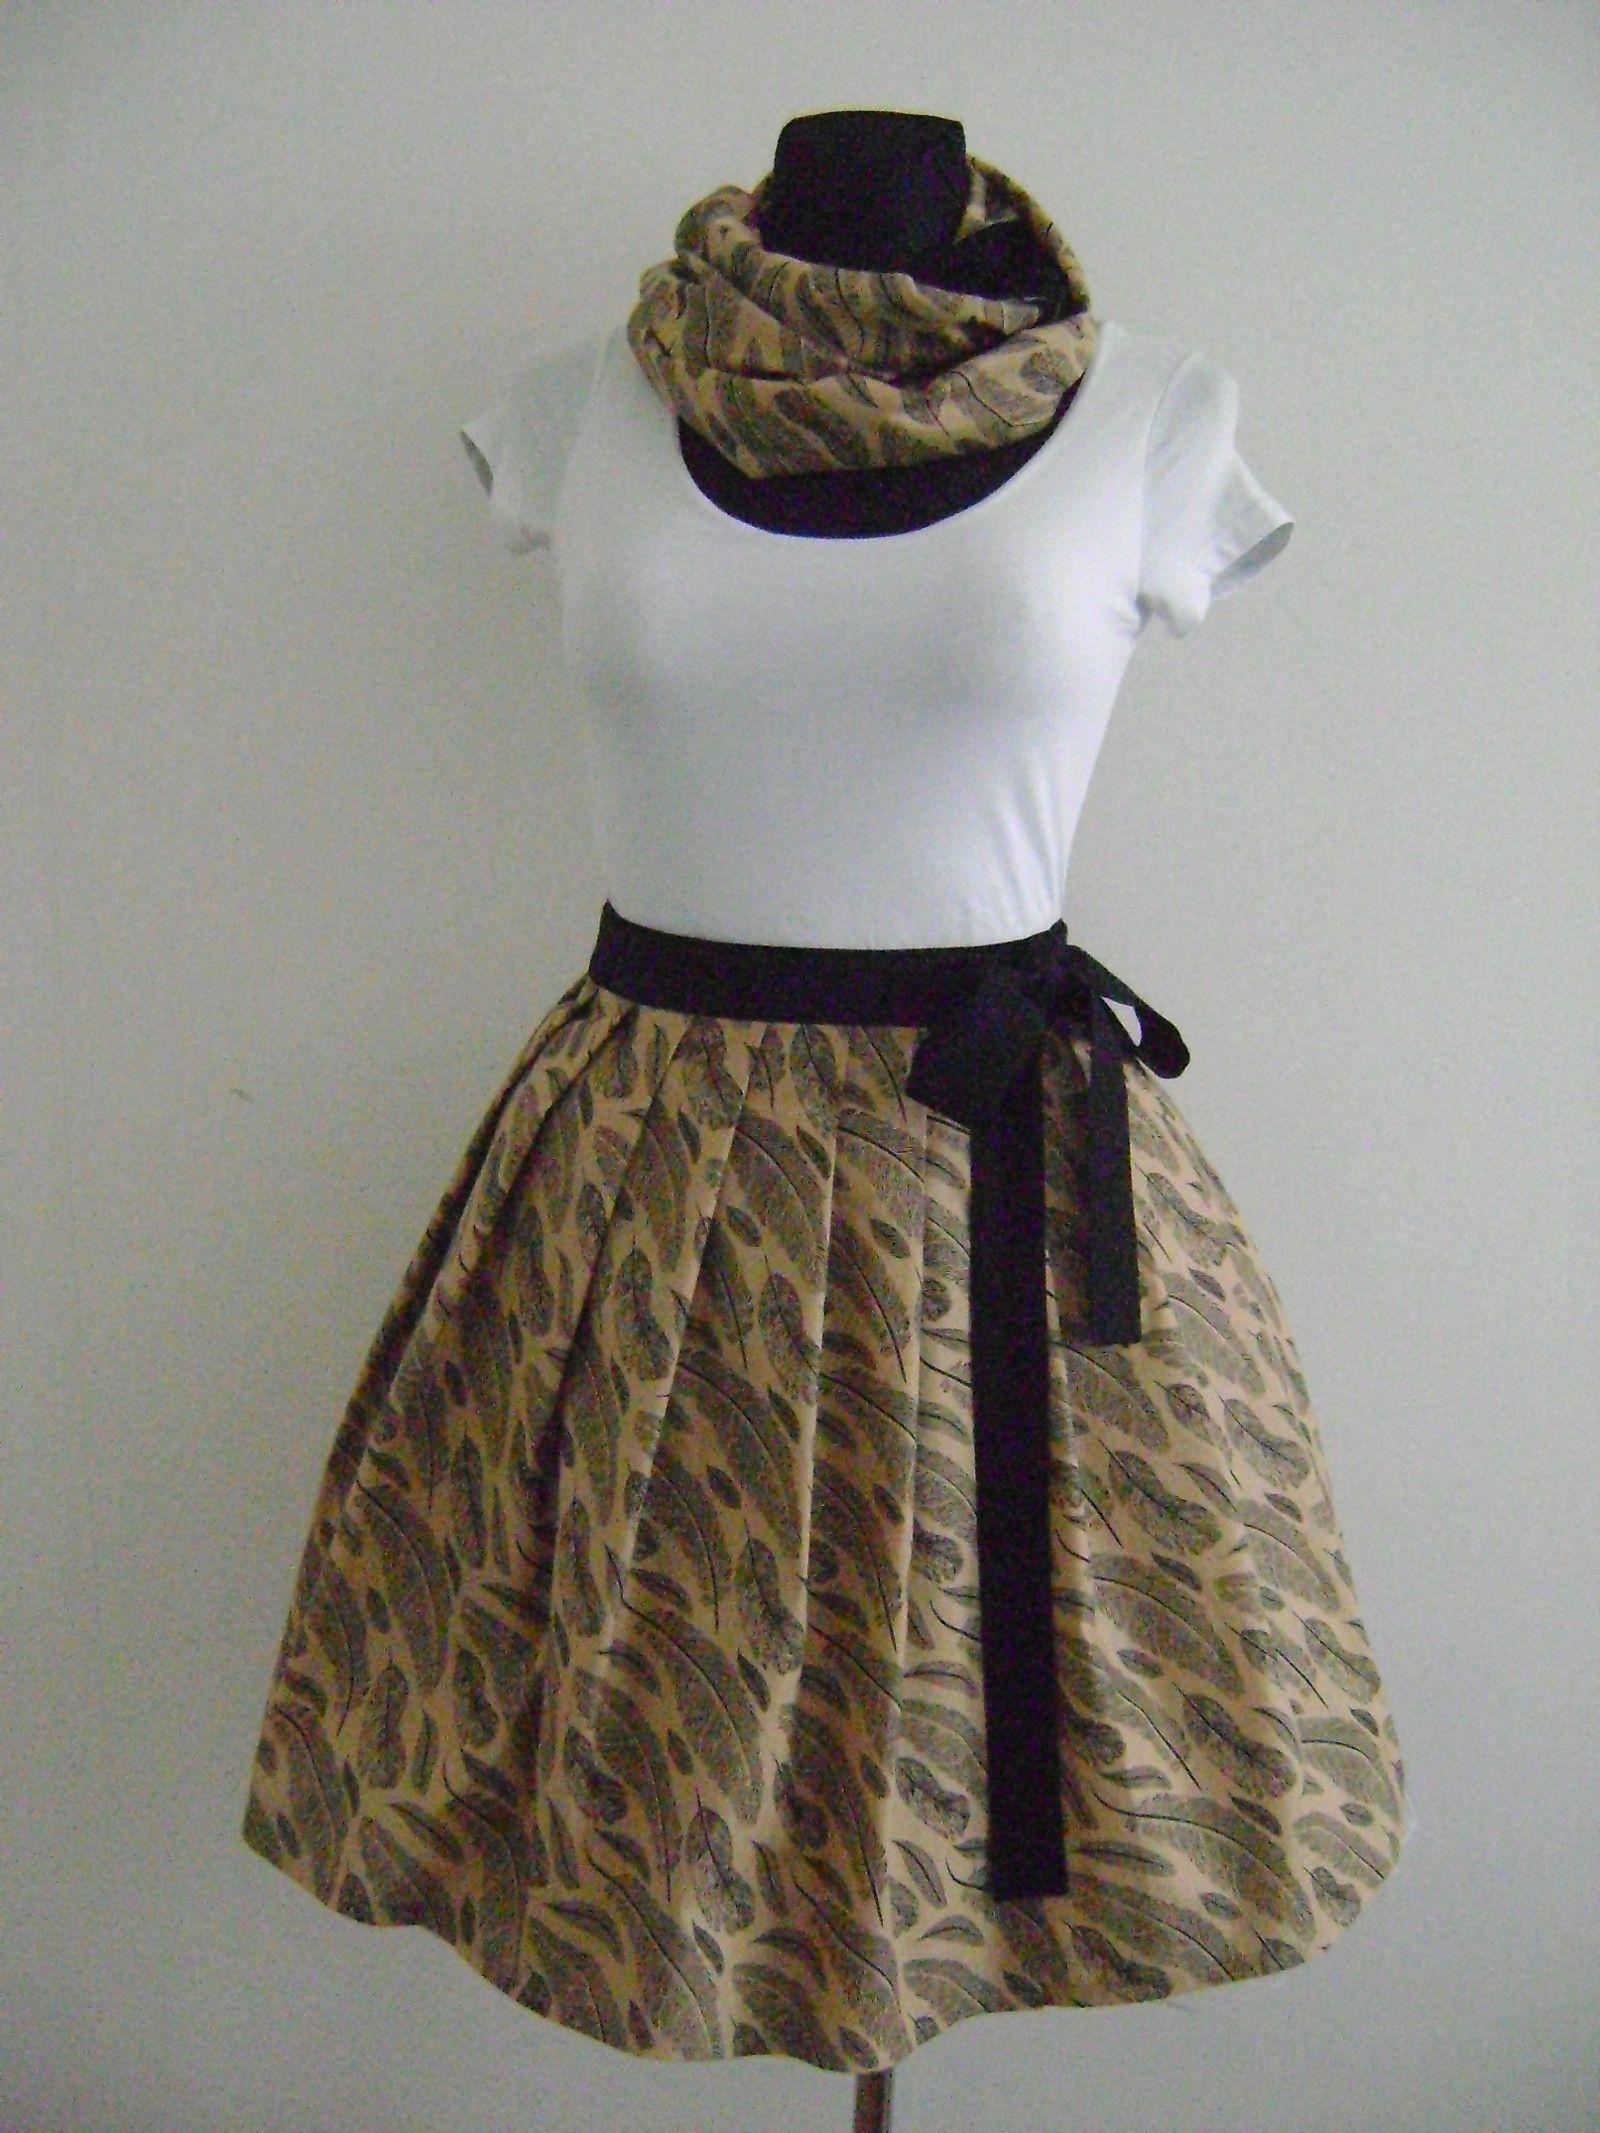 397422376e5 Zavinovací+sukně+128+Zavinovací+skládaná sukně +je+v+pase+všitá+do+pásku+zakončeného+vázačkami+Sukně+je+ušitá+z ...